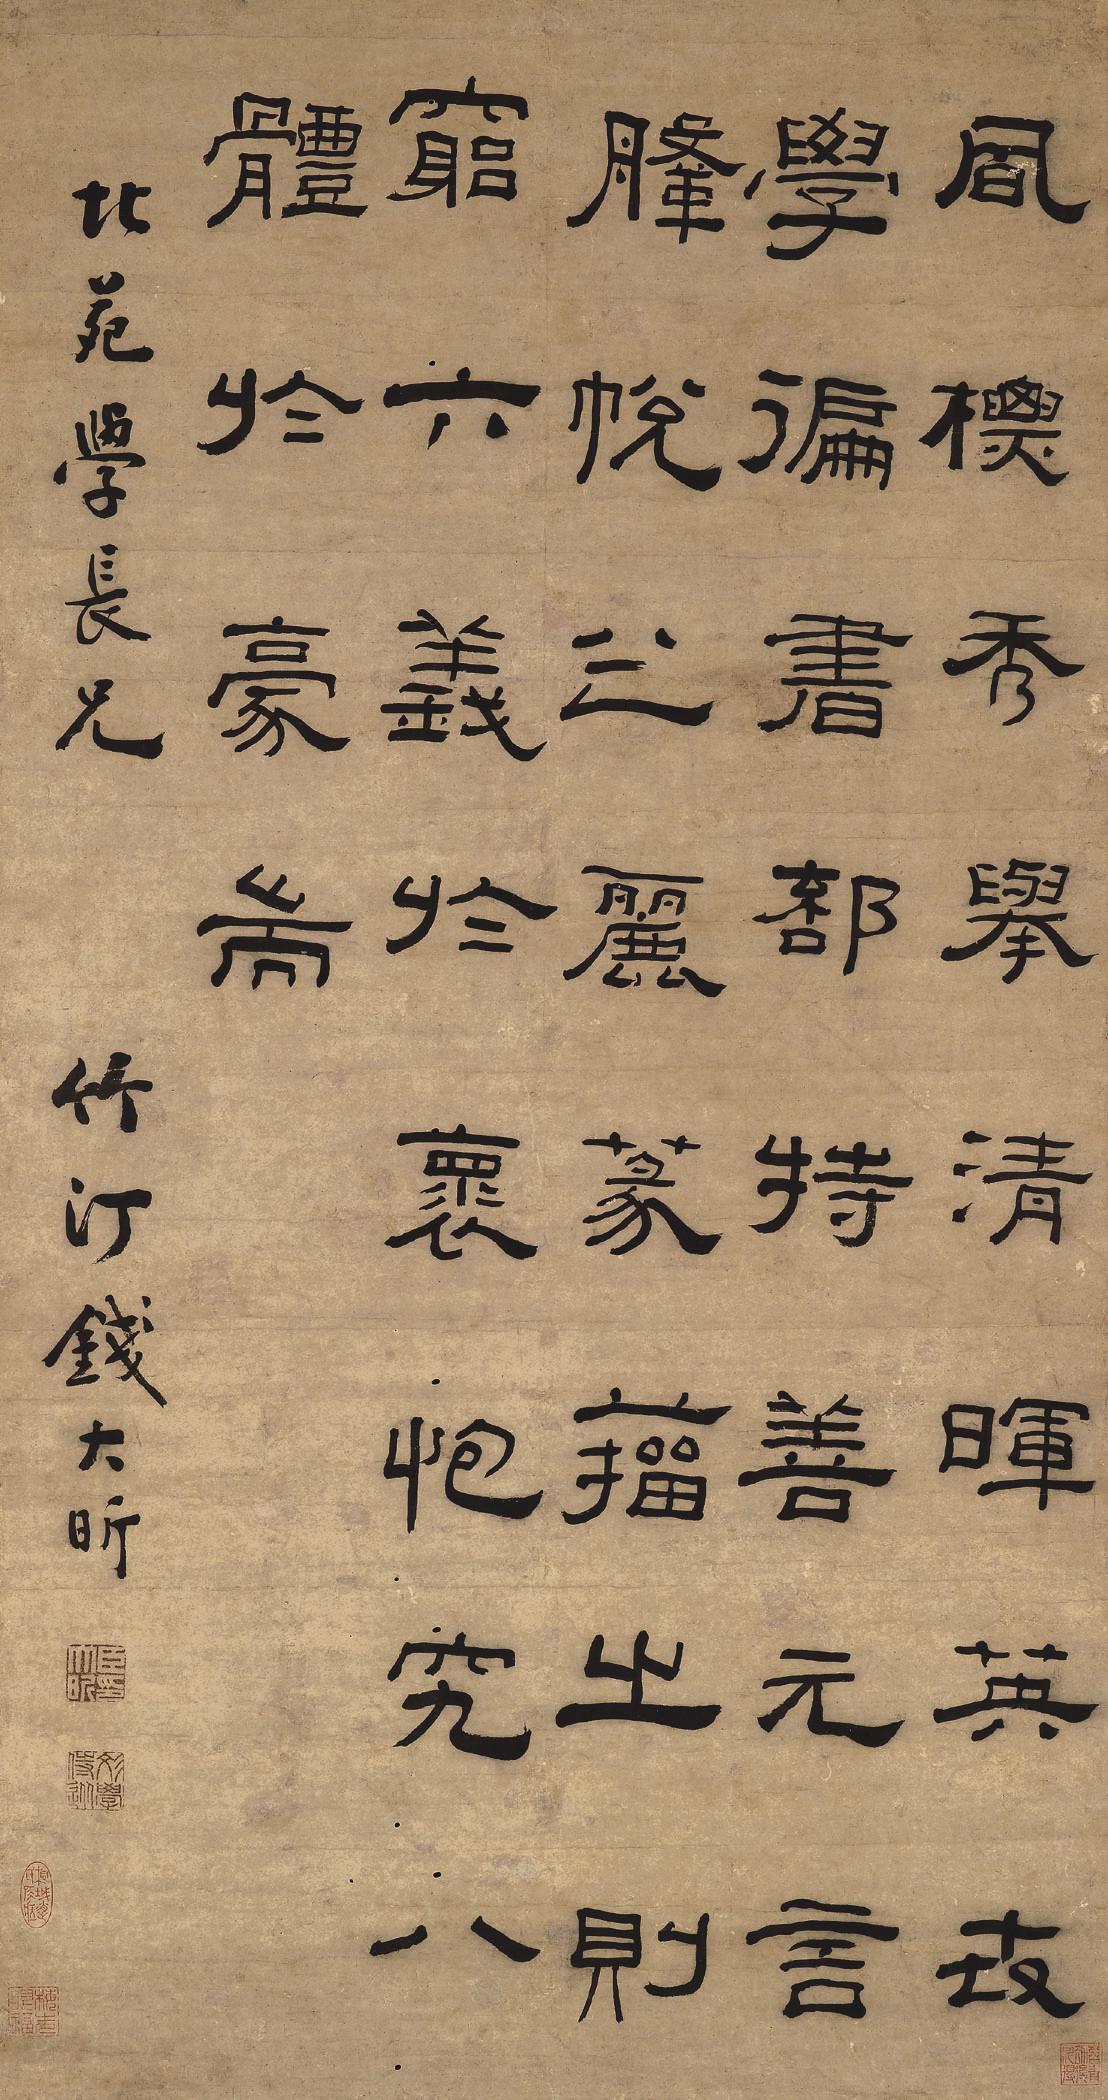 QIAN DAXIN (1728-1804)